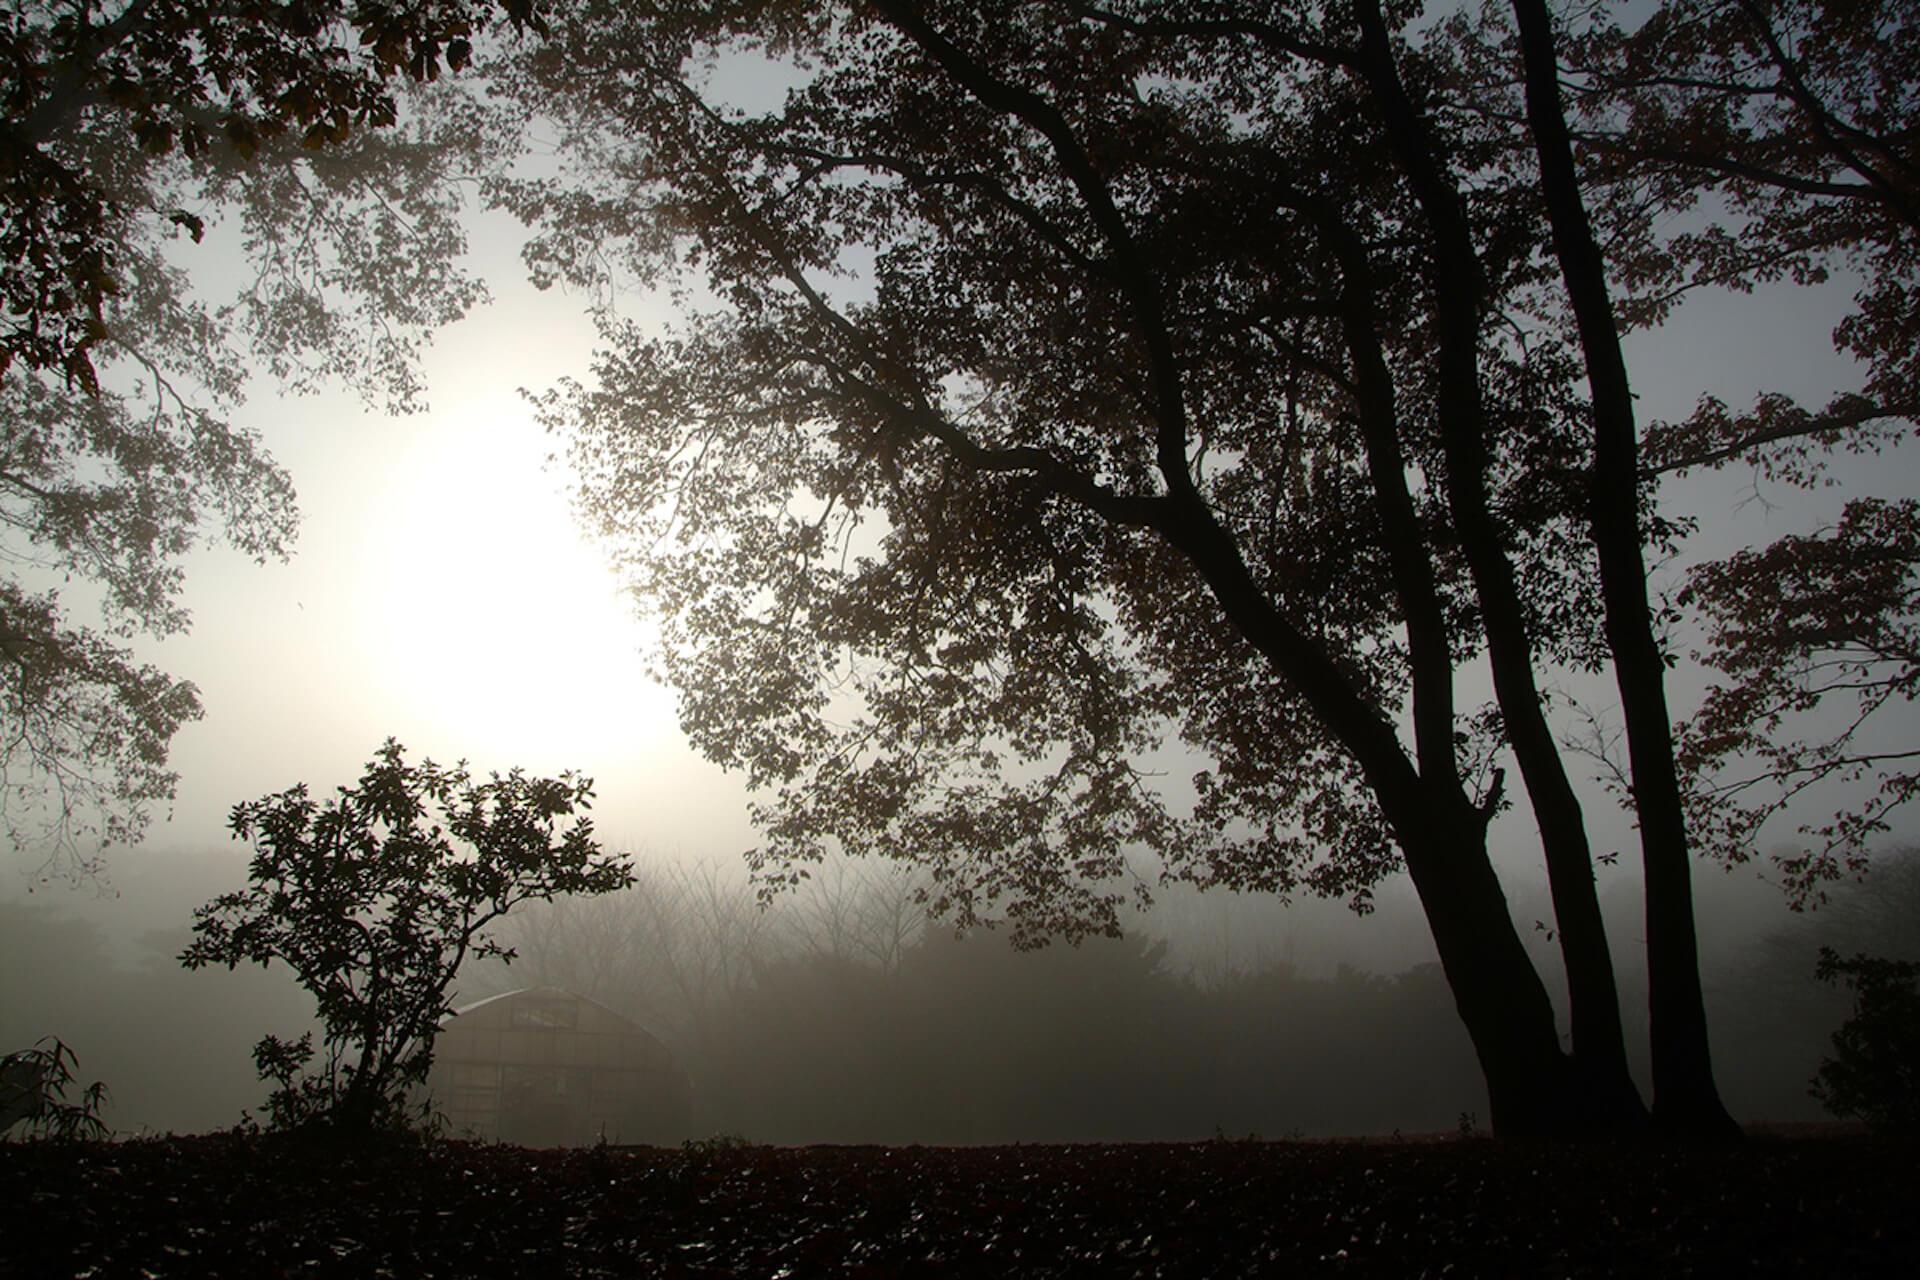 【全国のグランピング・キャンプ場15選】海・山・湖・高原・離島など絶好のロケーションばかりで、インスタ映え間違いなし! life200612_jeep_camp_3